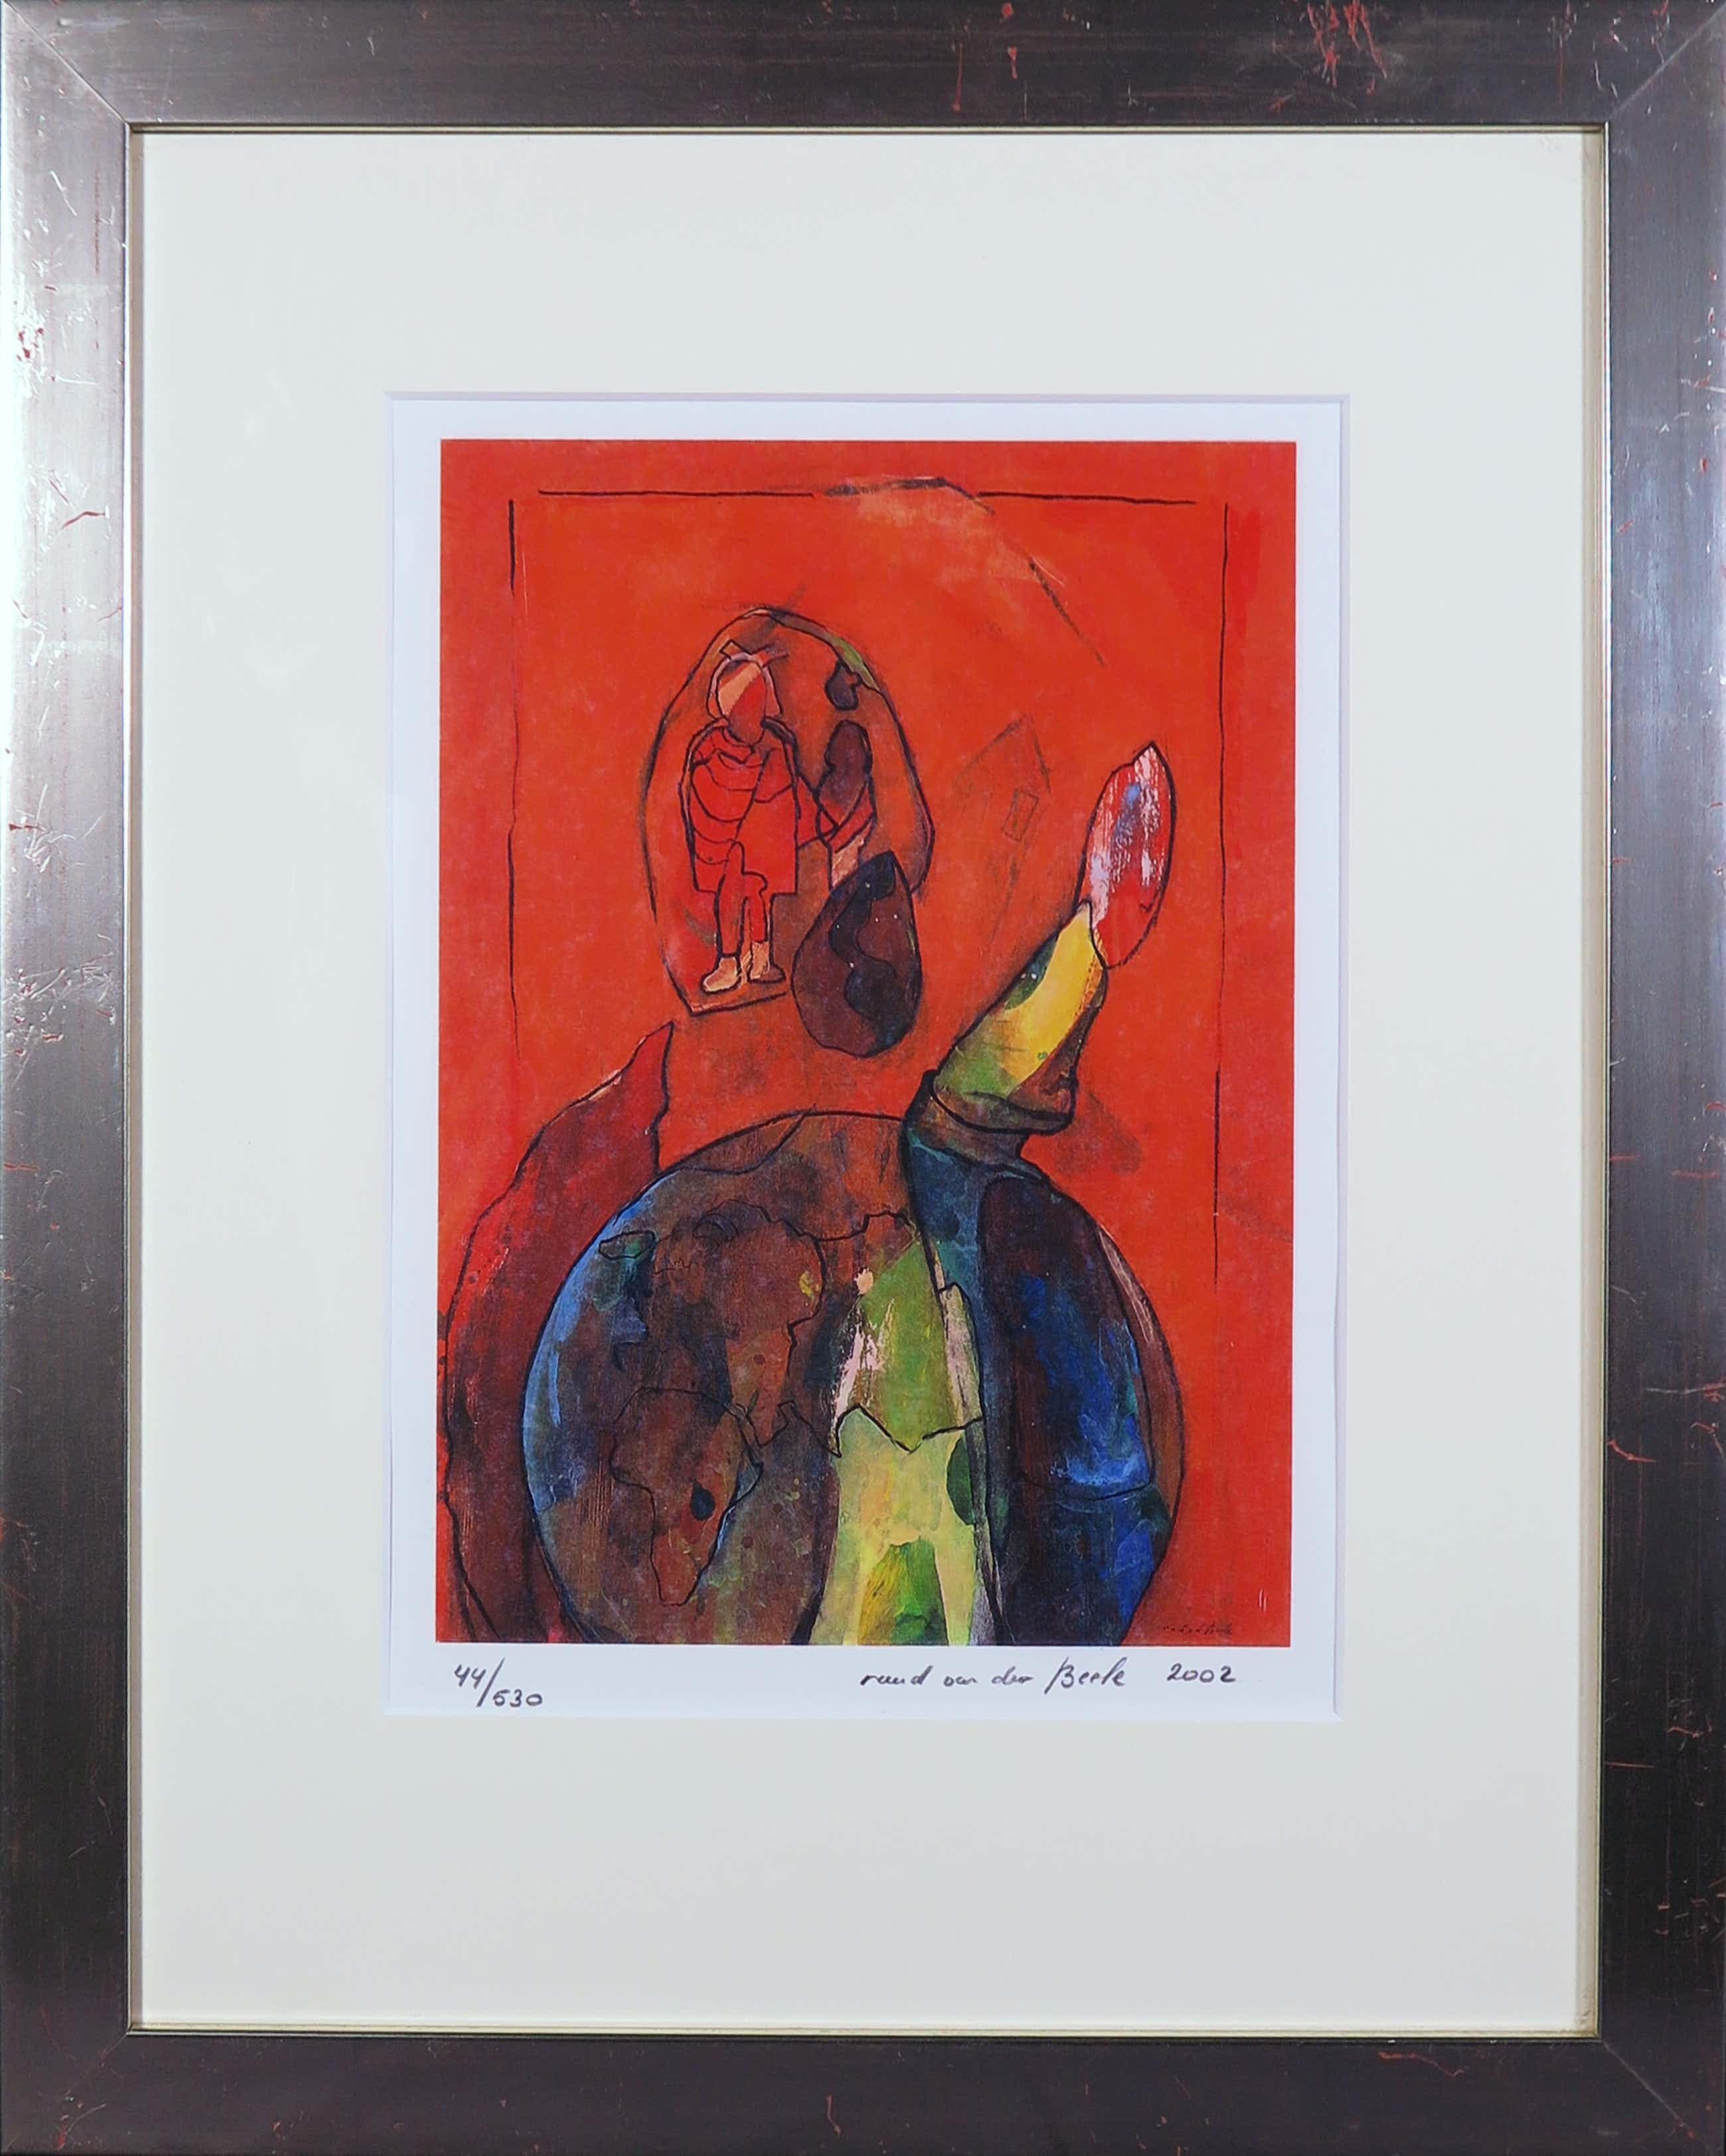 Ruud van der Beele - Zeefdruk, z.t. Abstract 1 - Ingelijst kopen? Bied vanaf 35!